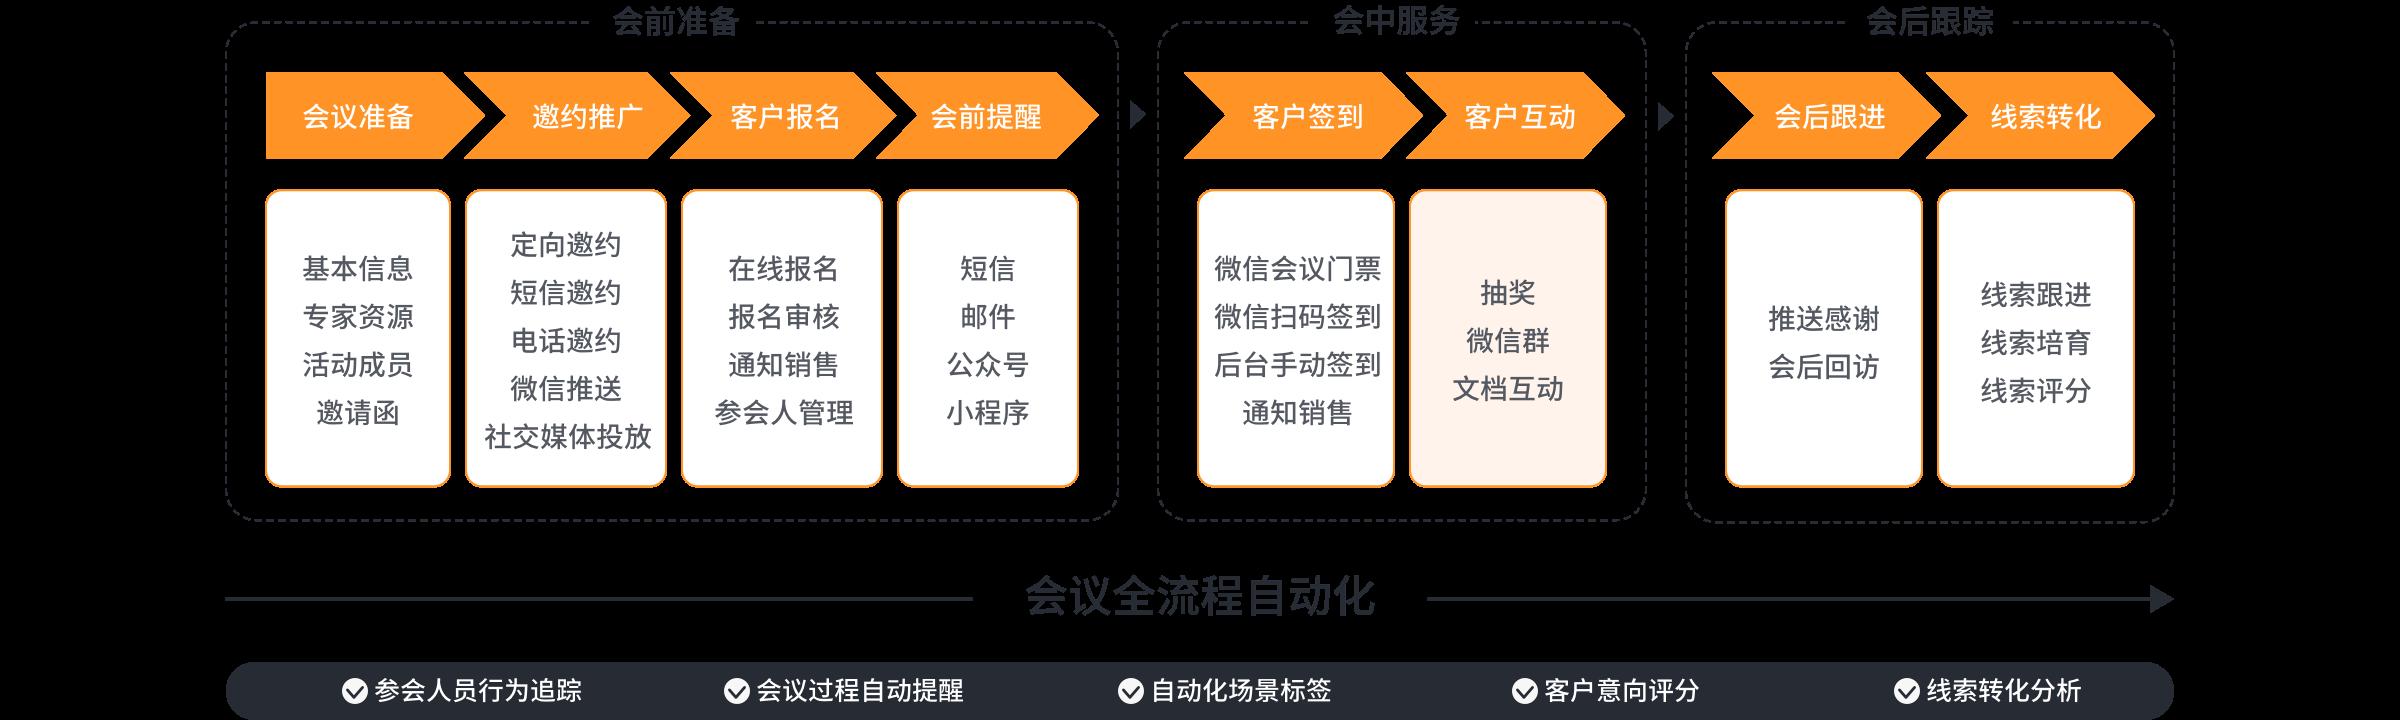 市场活动全流程自动化